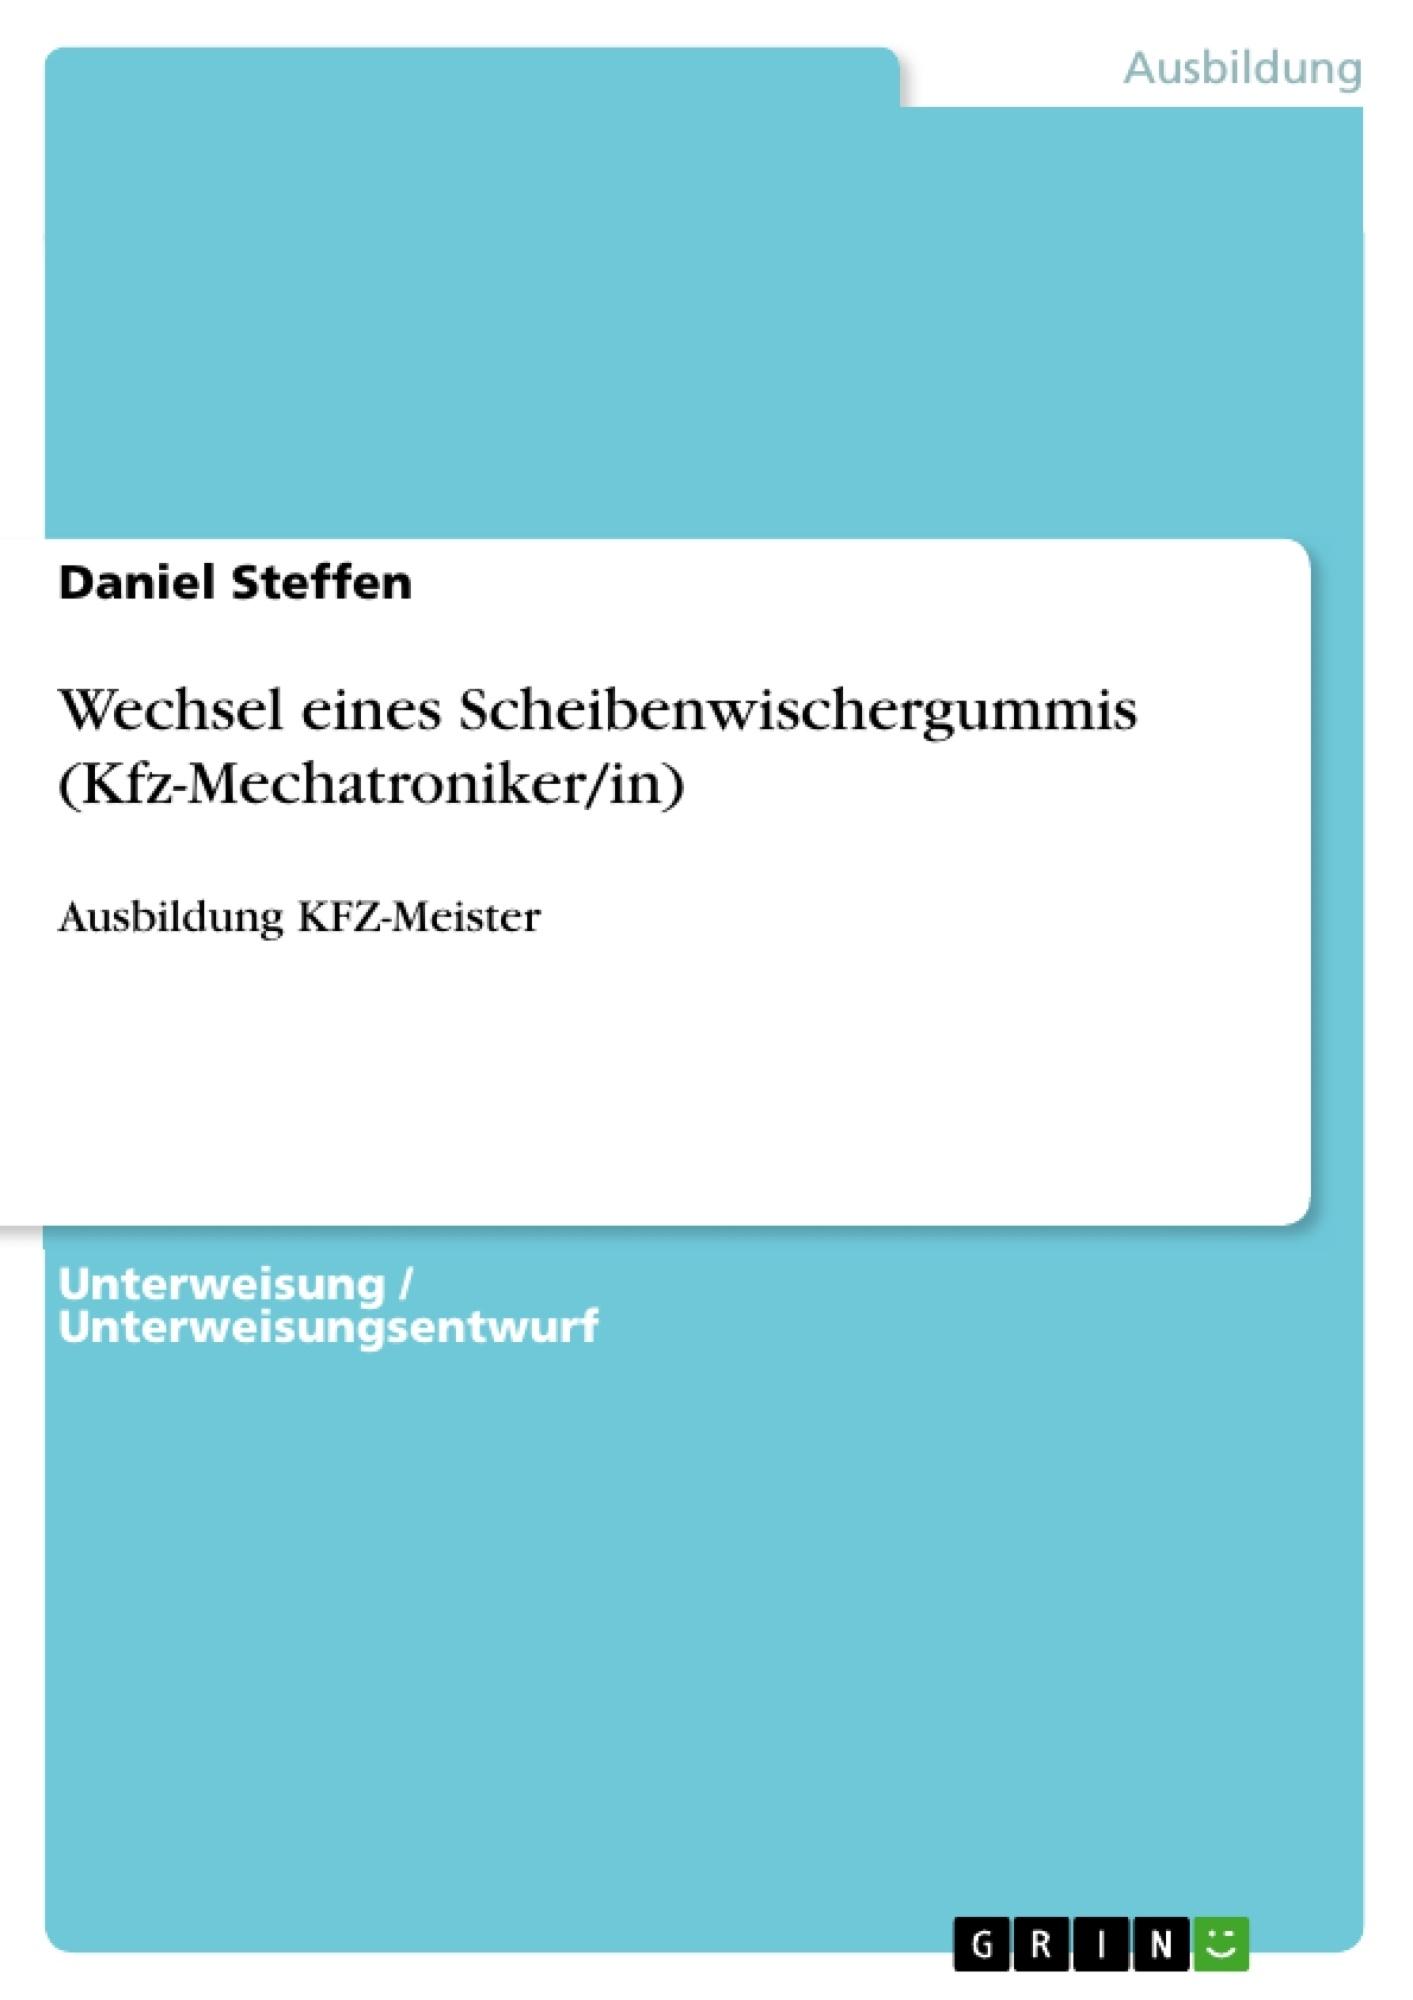 Titel: Wechsel eines Scheibenwischergummis (Kfz-Mechatroniker/in)